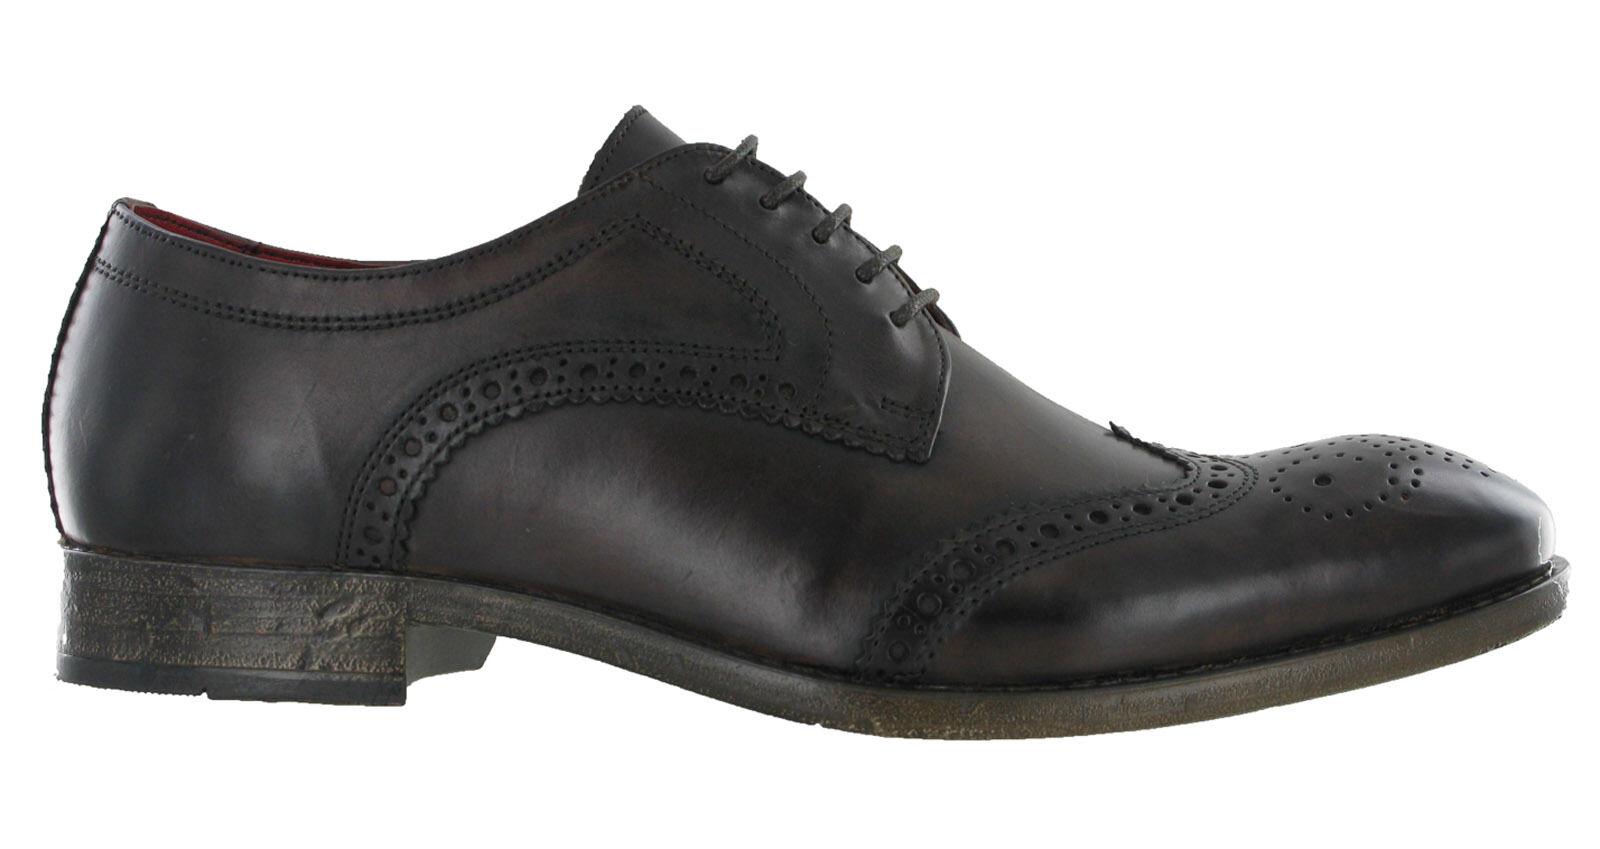 Cuero Marrón Brogue Zapatos base Londres Encaje Coniston 5 Ojo Para Hombre Formal Forrado De Encaje Londres Ups c1f529